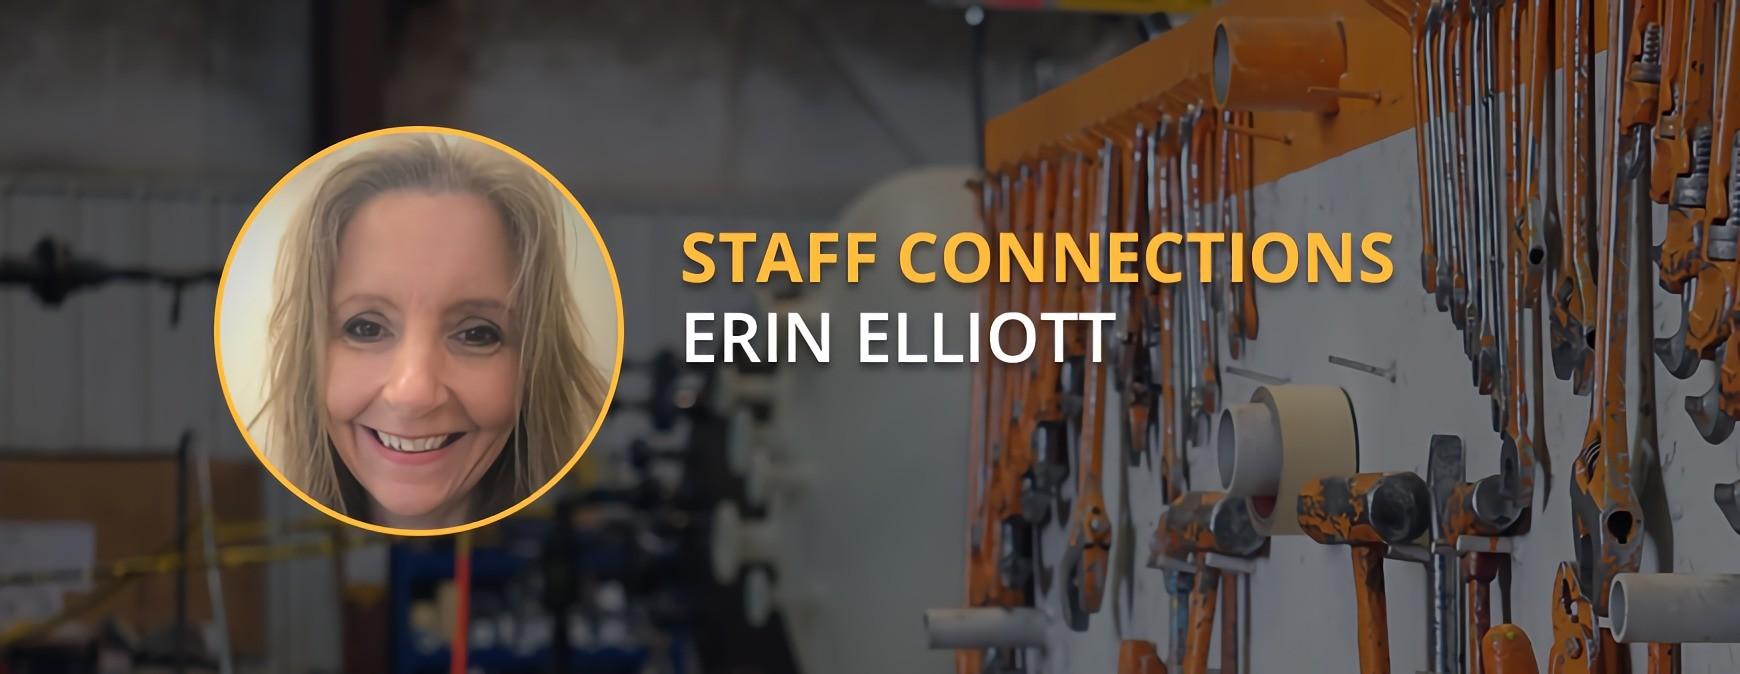 erin elliott staff connection